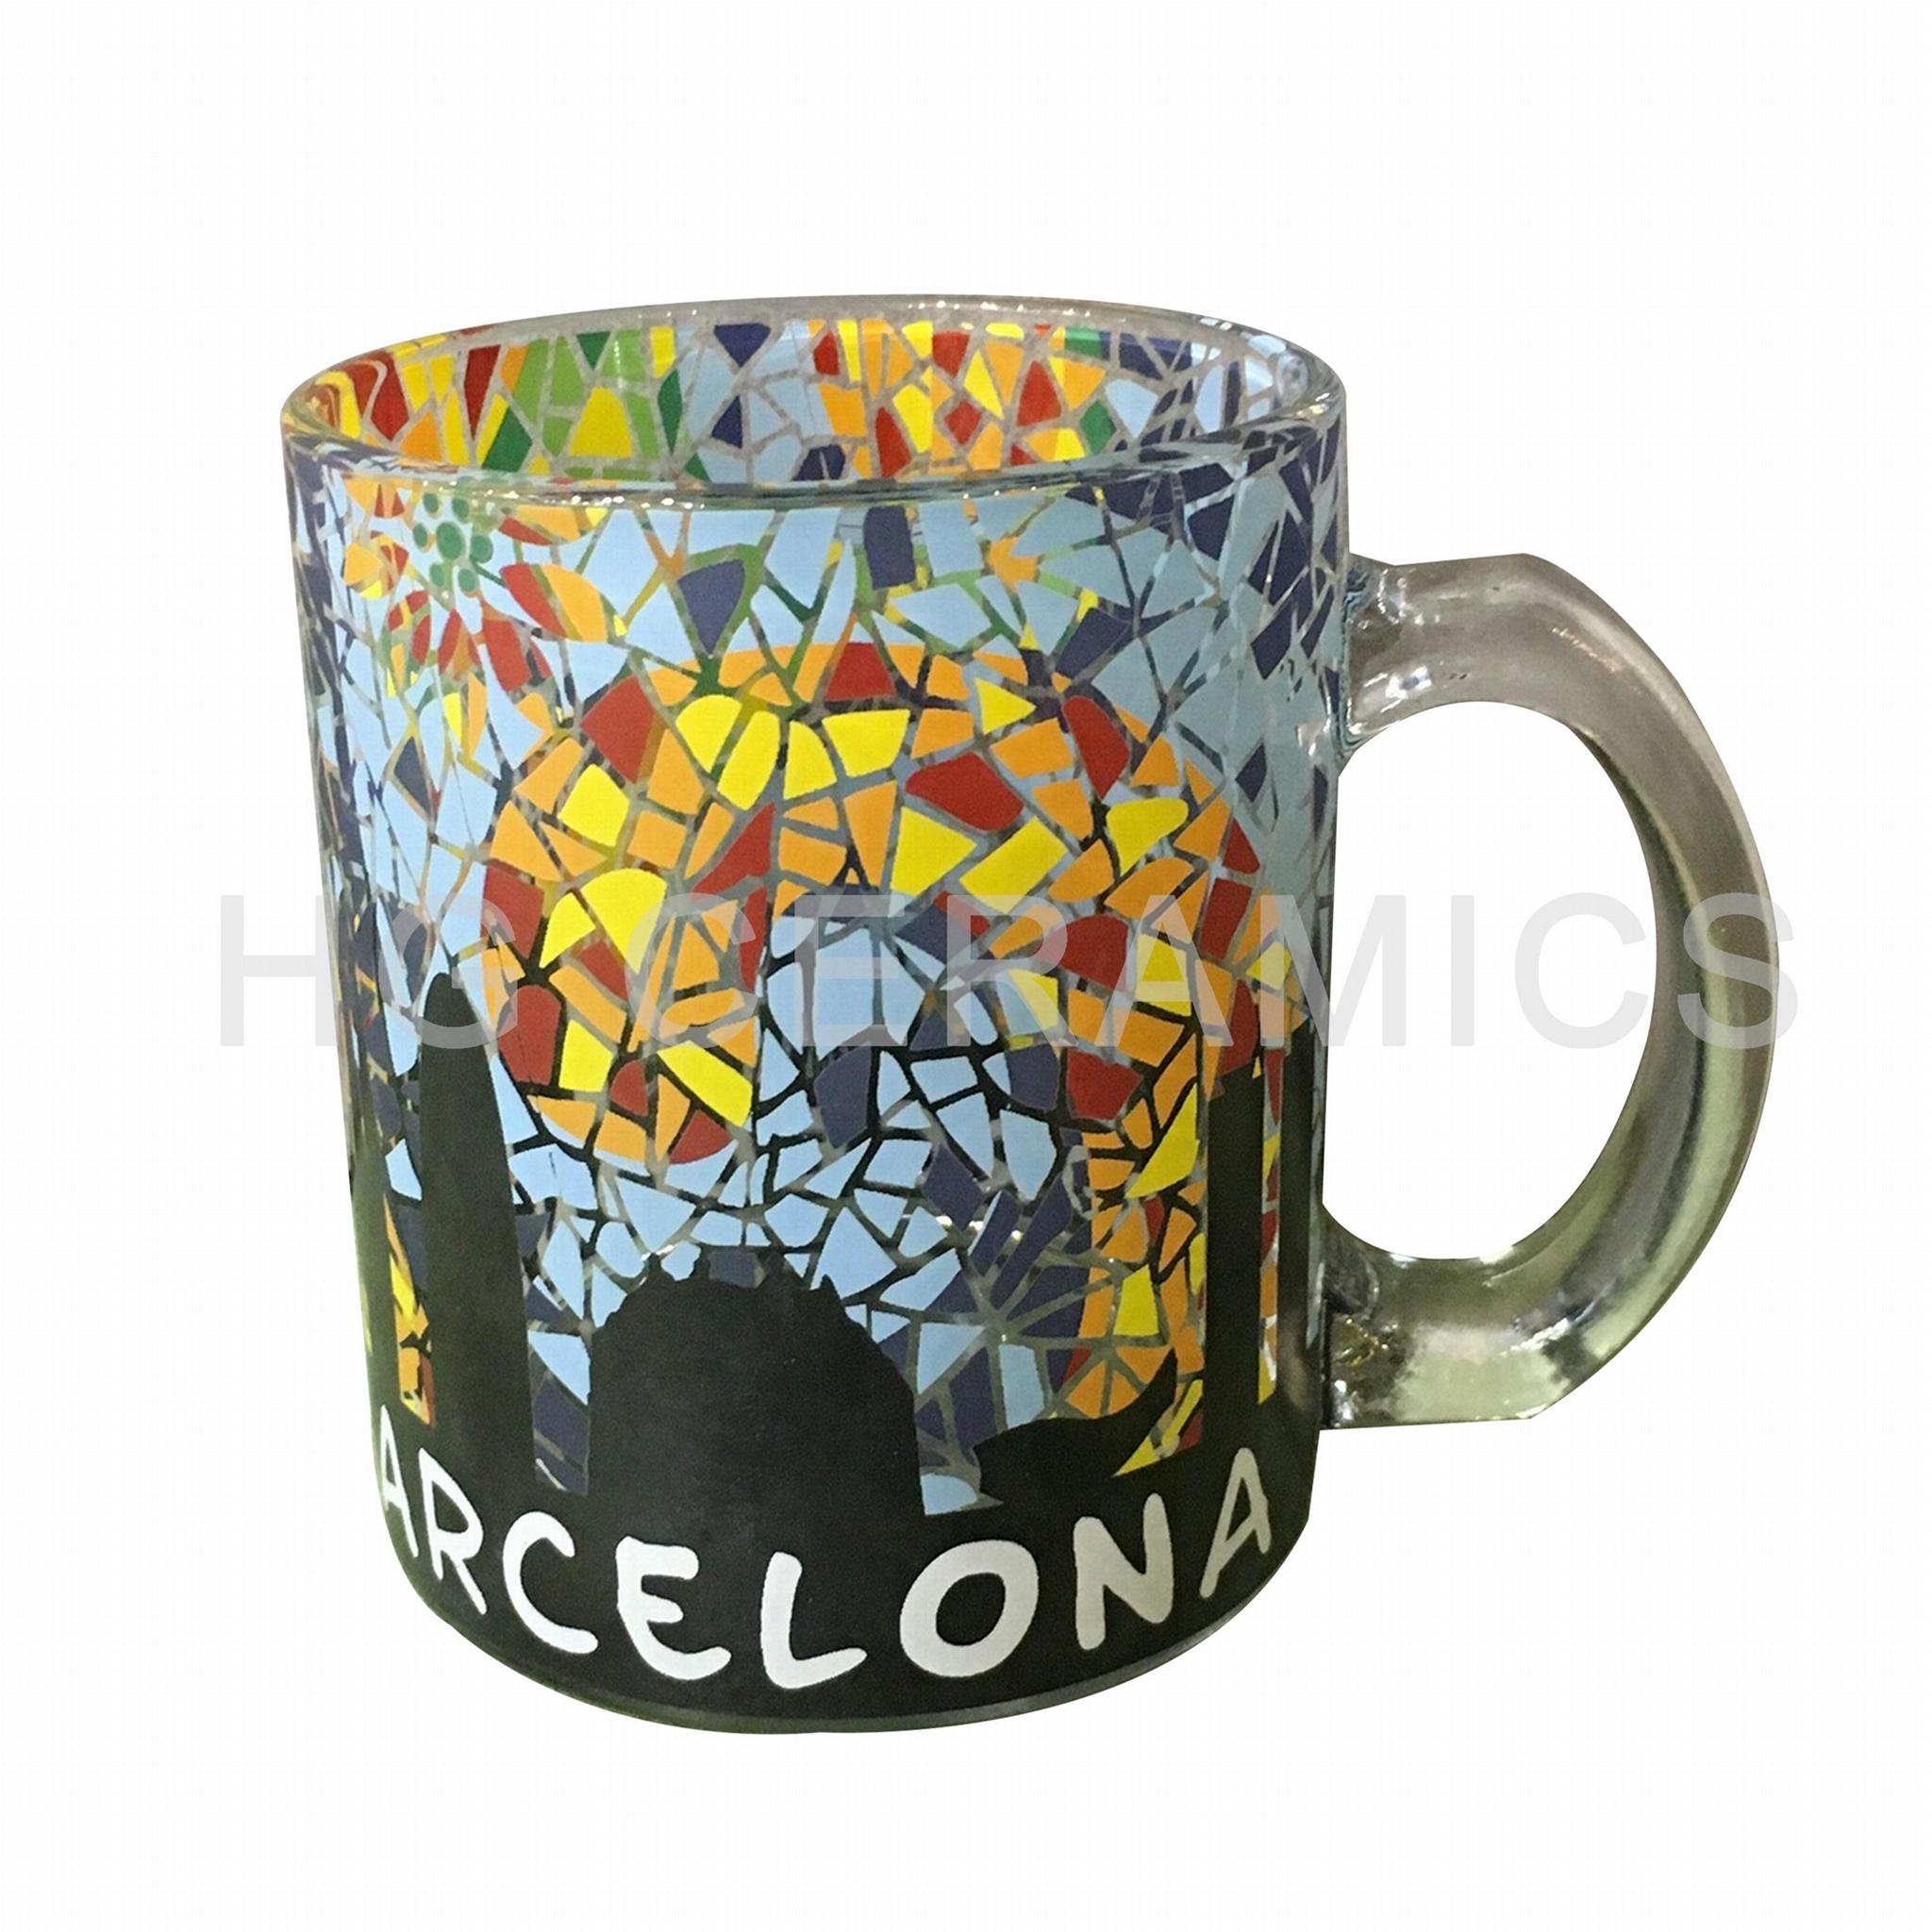 Mosaic printing glass mug  1